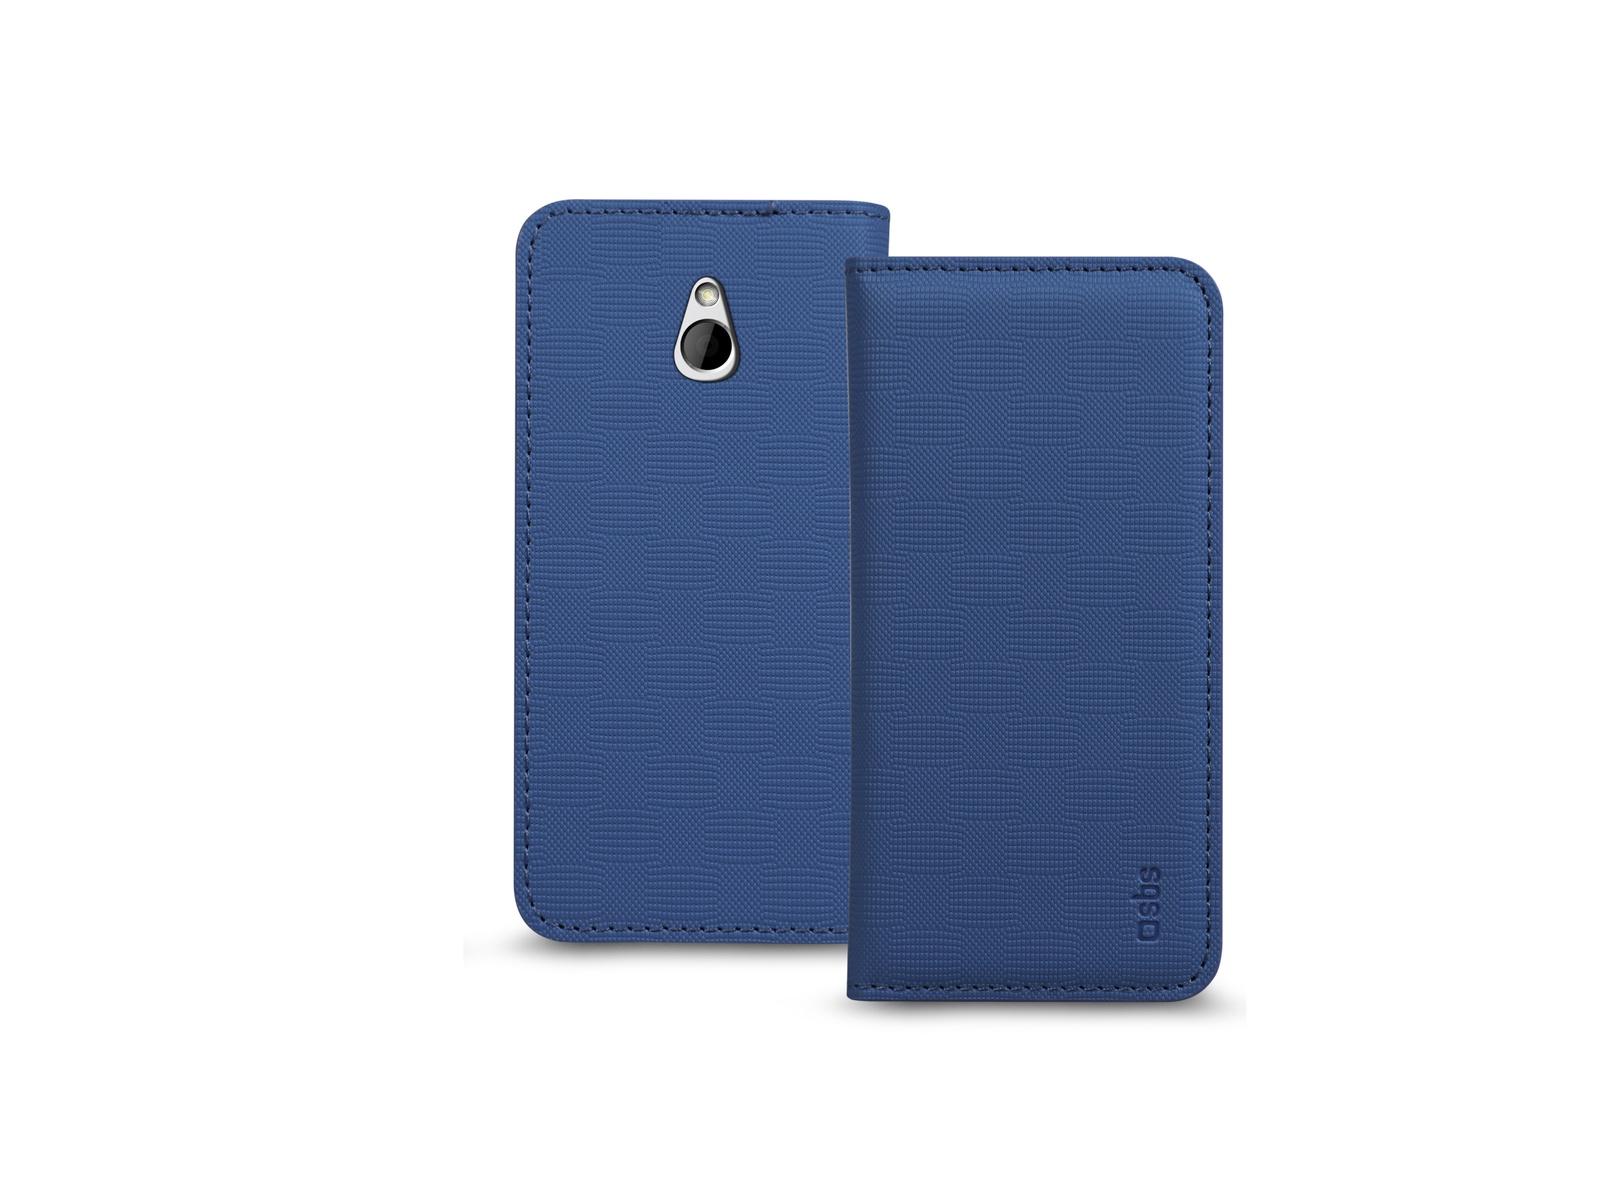 Чехол-книжка SBS для HTC One Mini ( Bookstyle, темно-синий) аккумулятор для телефона craftmann b0p6m100 для htc one mini 2 m5 one m8 mini one remix